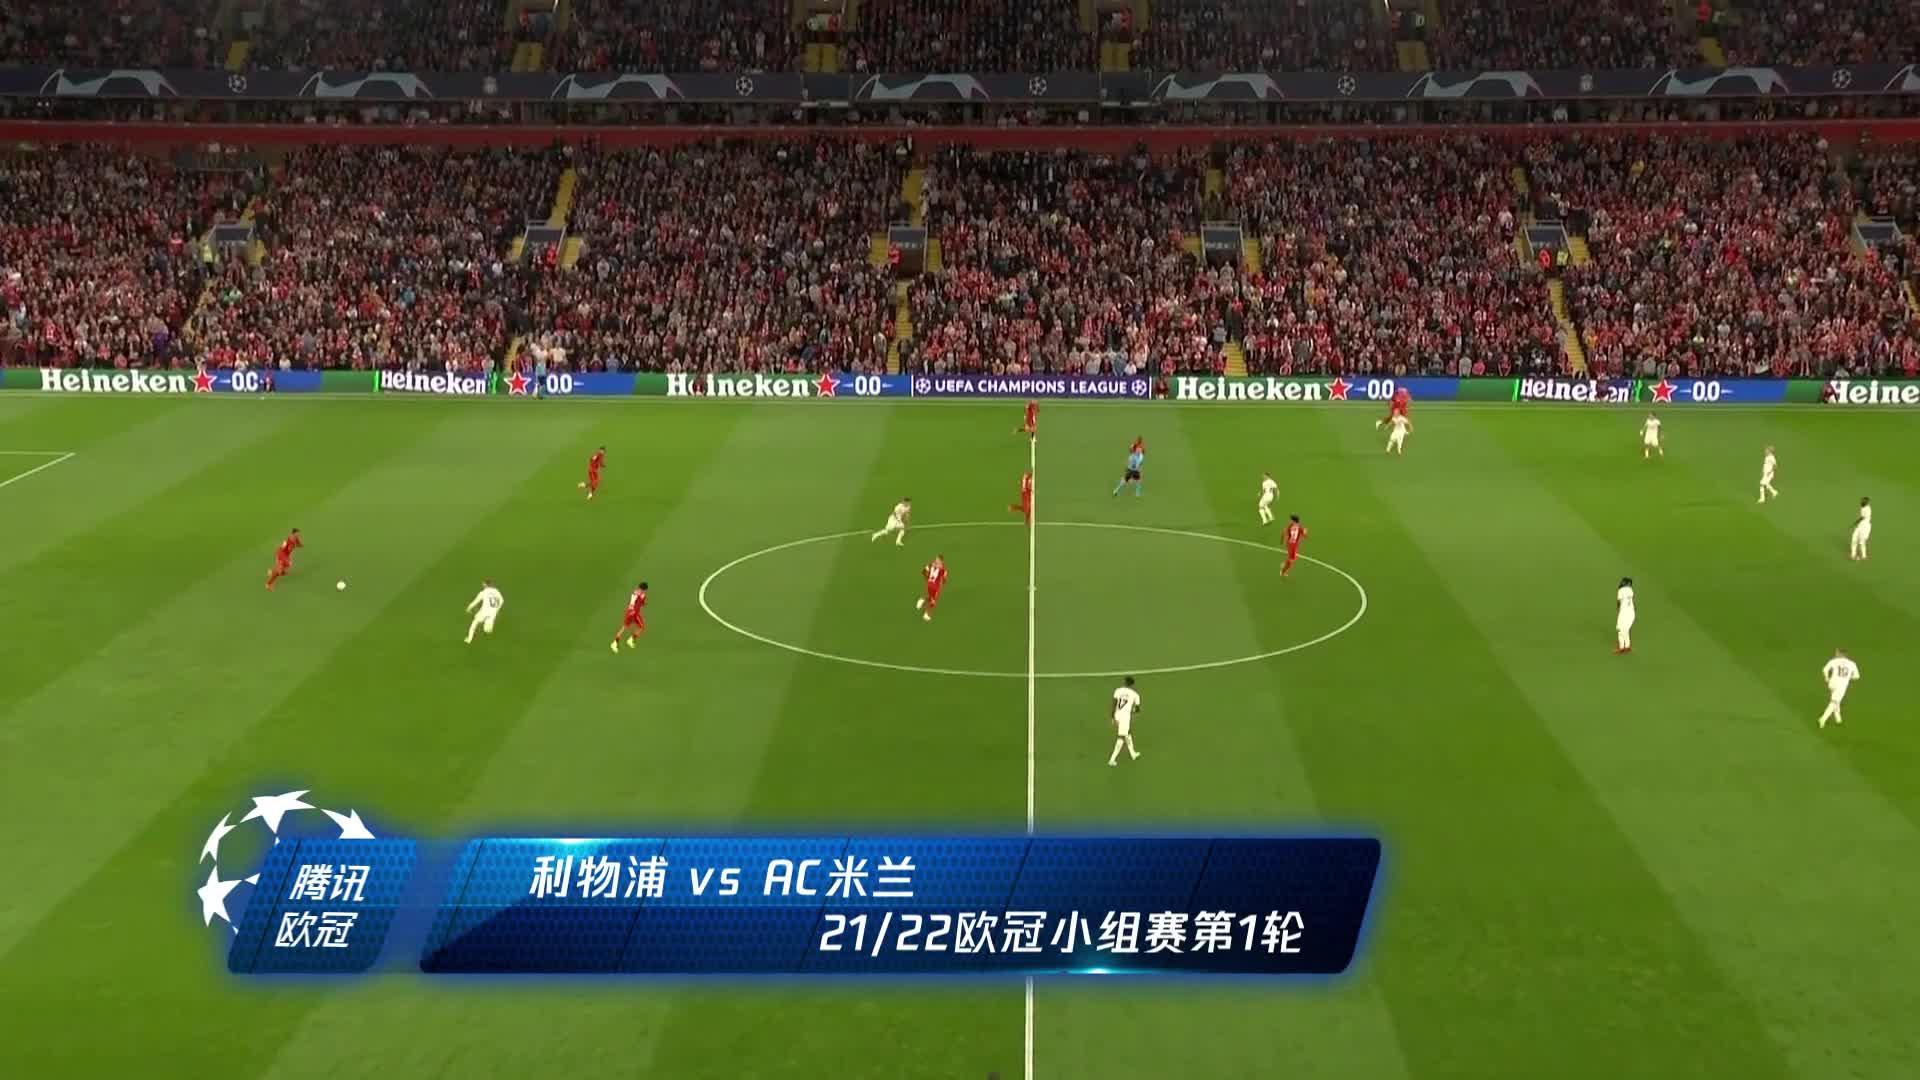 【集锦】欧冠-亨德森世界波萨拉赫破门+失点 利物浦3-2AC米兰